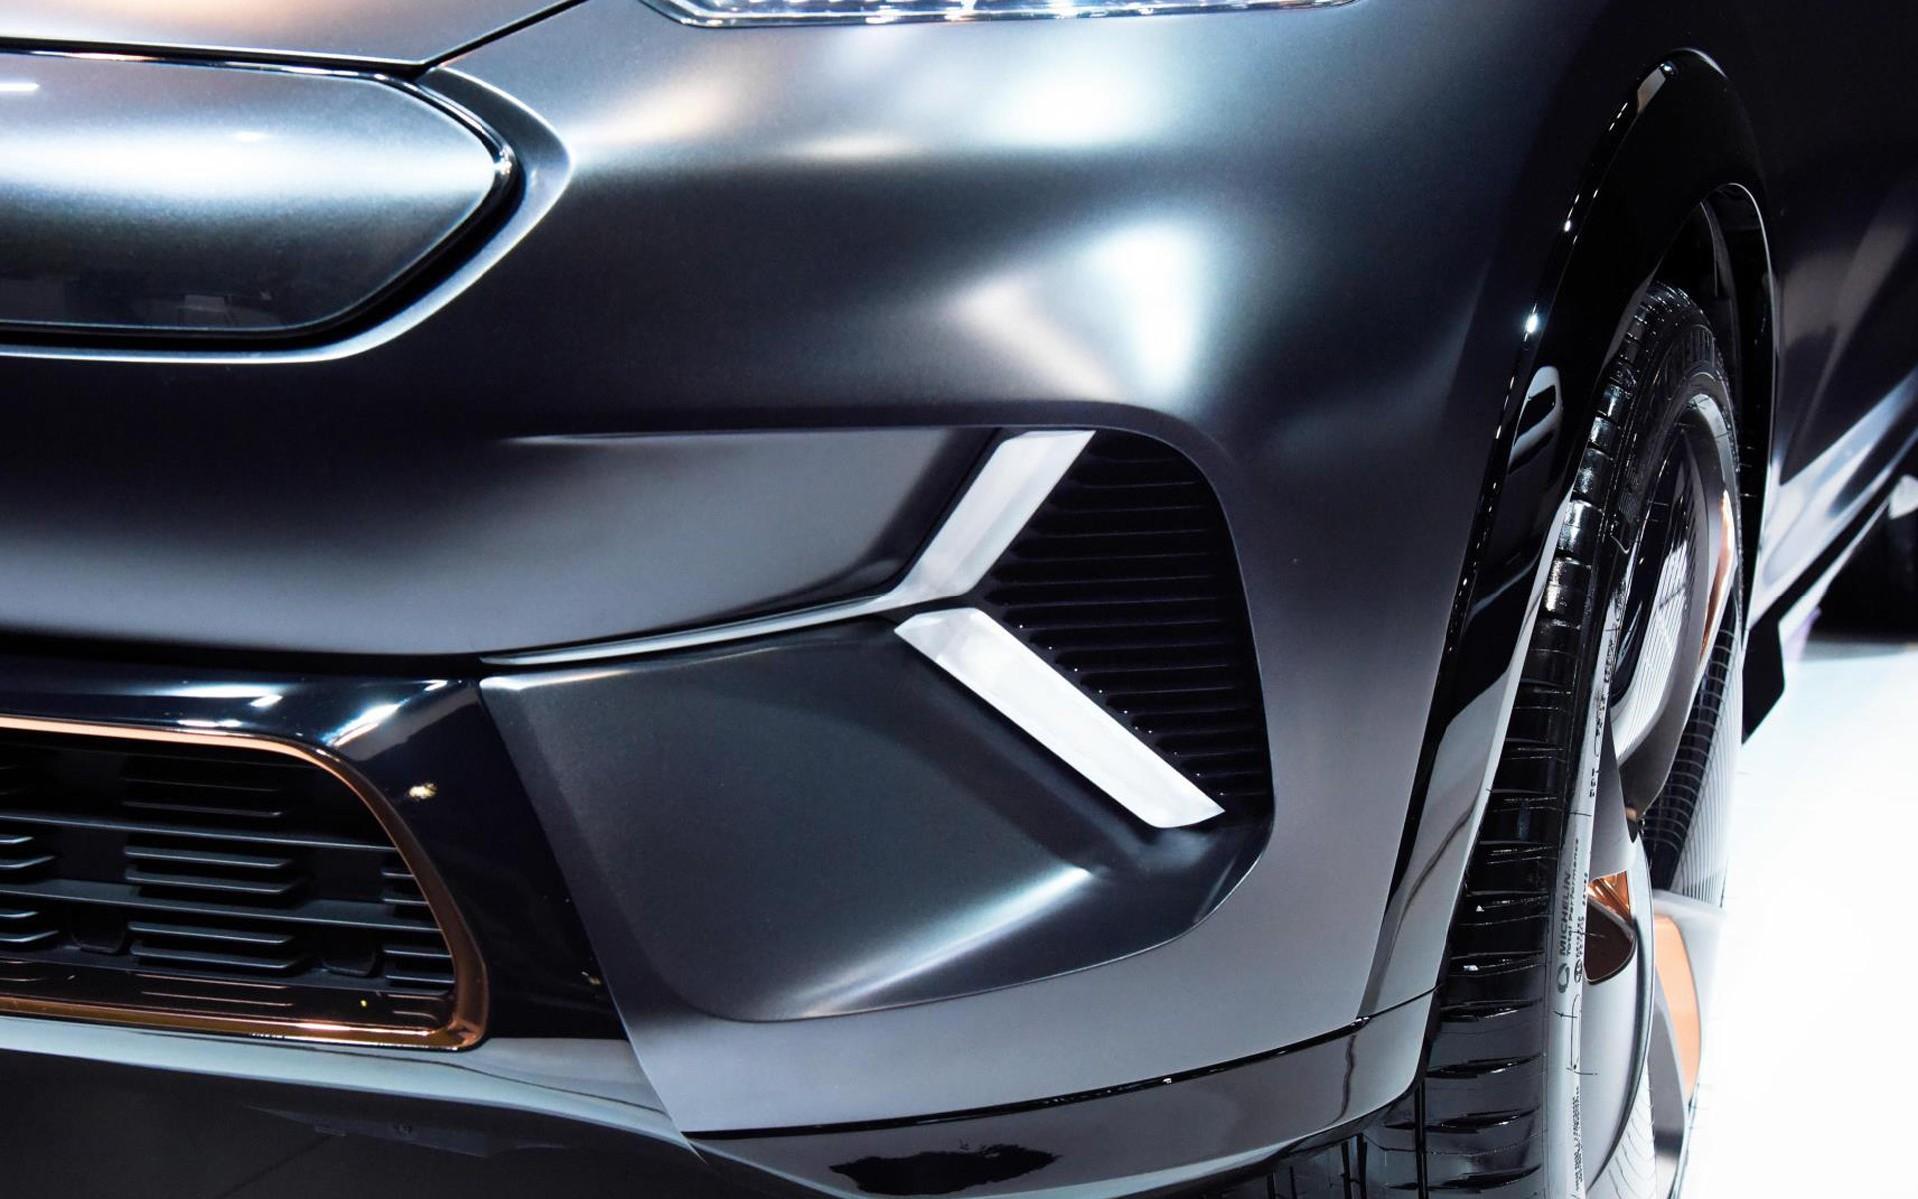 Το ηλεκτρικό της Kia με αυτονομία 400 km (vid) - Το Niro EV θα ... ca1b218a35d